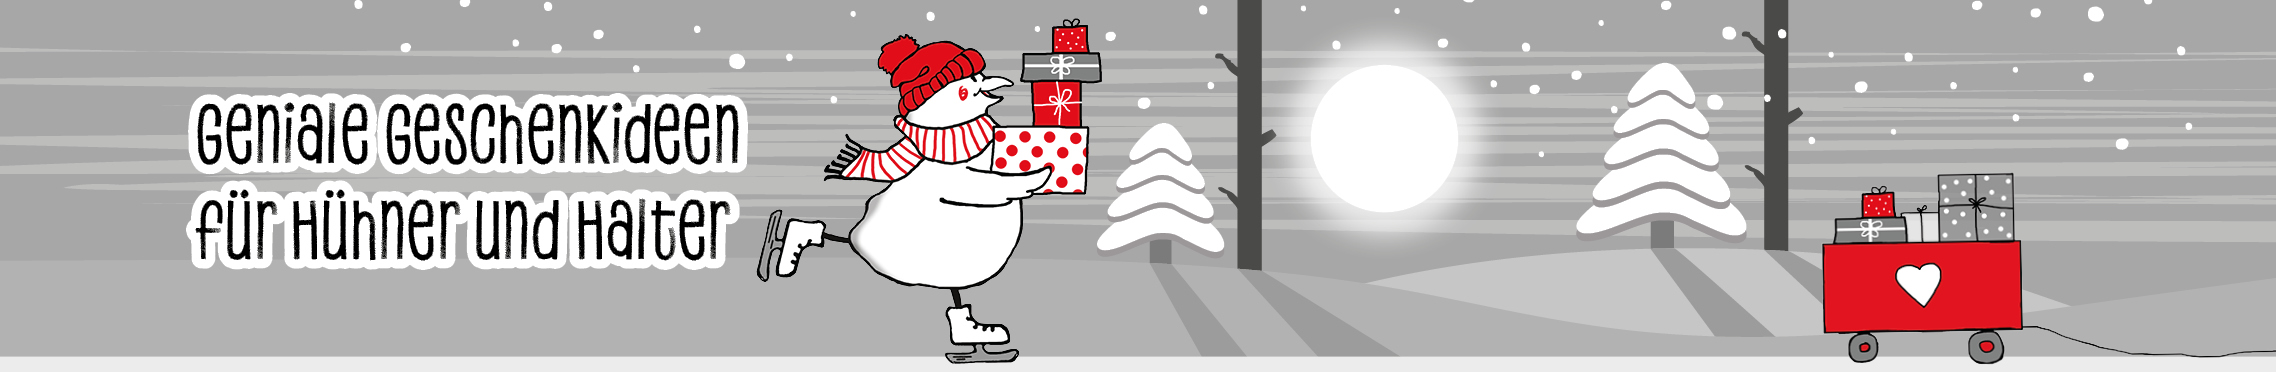 Gesucht: Das perfekte Geschenk für Hühnerfreundinnen und -freunde